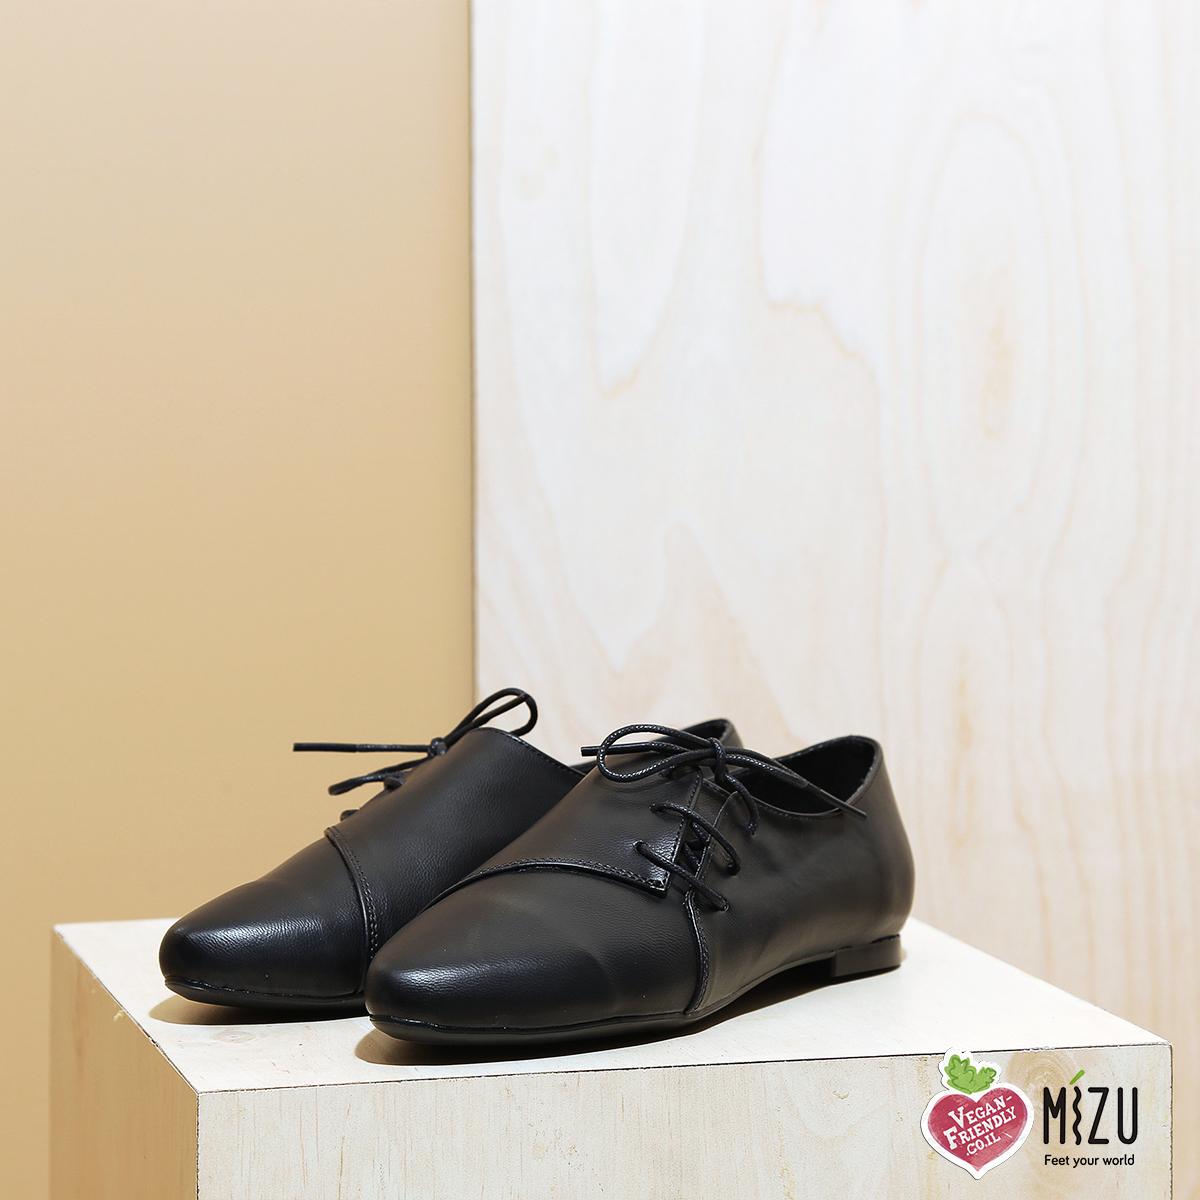 דגם מיסיסיפי: נעליים טבעוניות שטוחות בצבע שחור